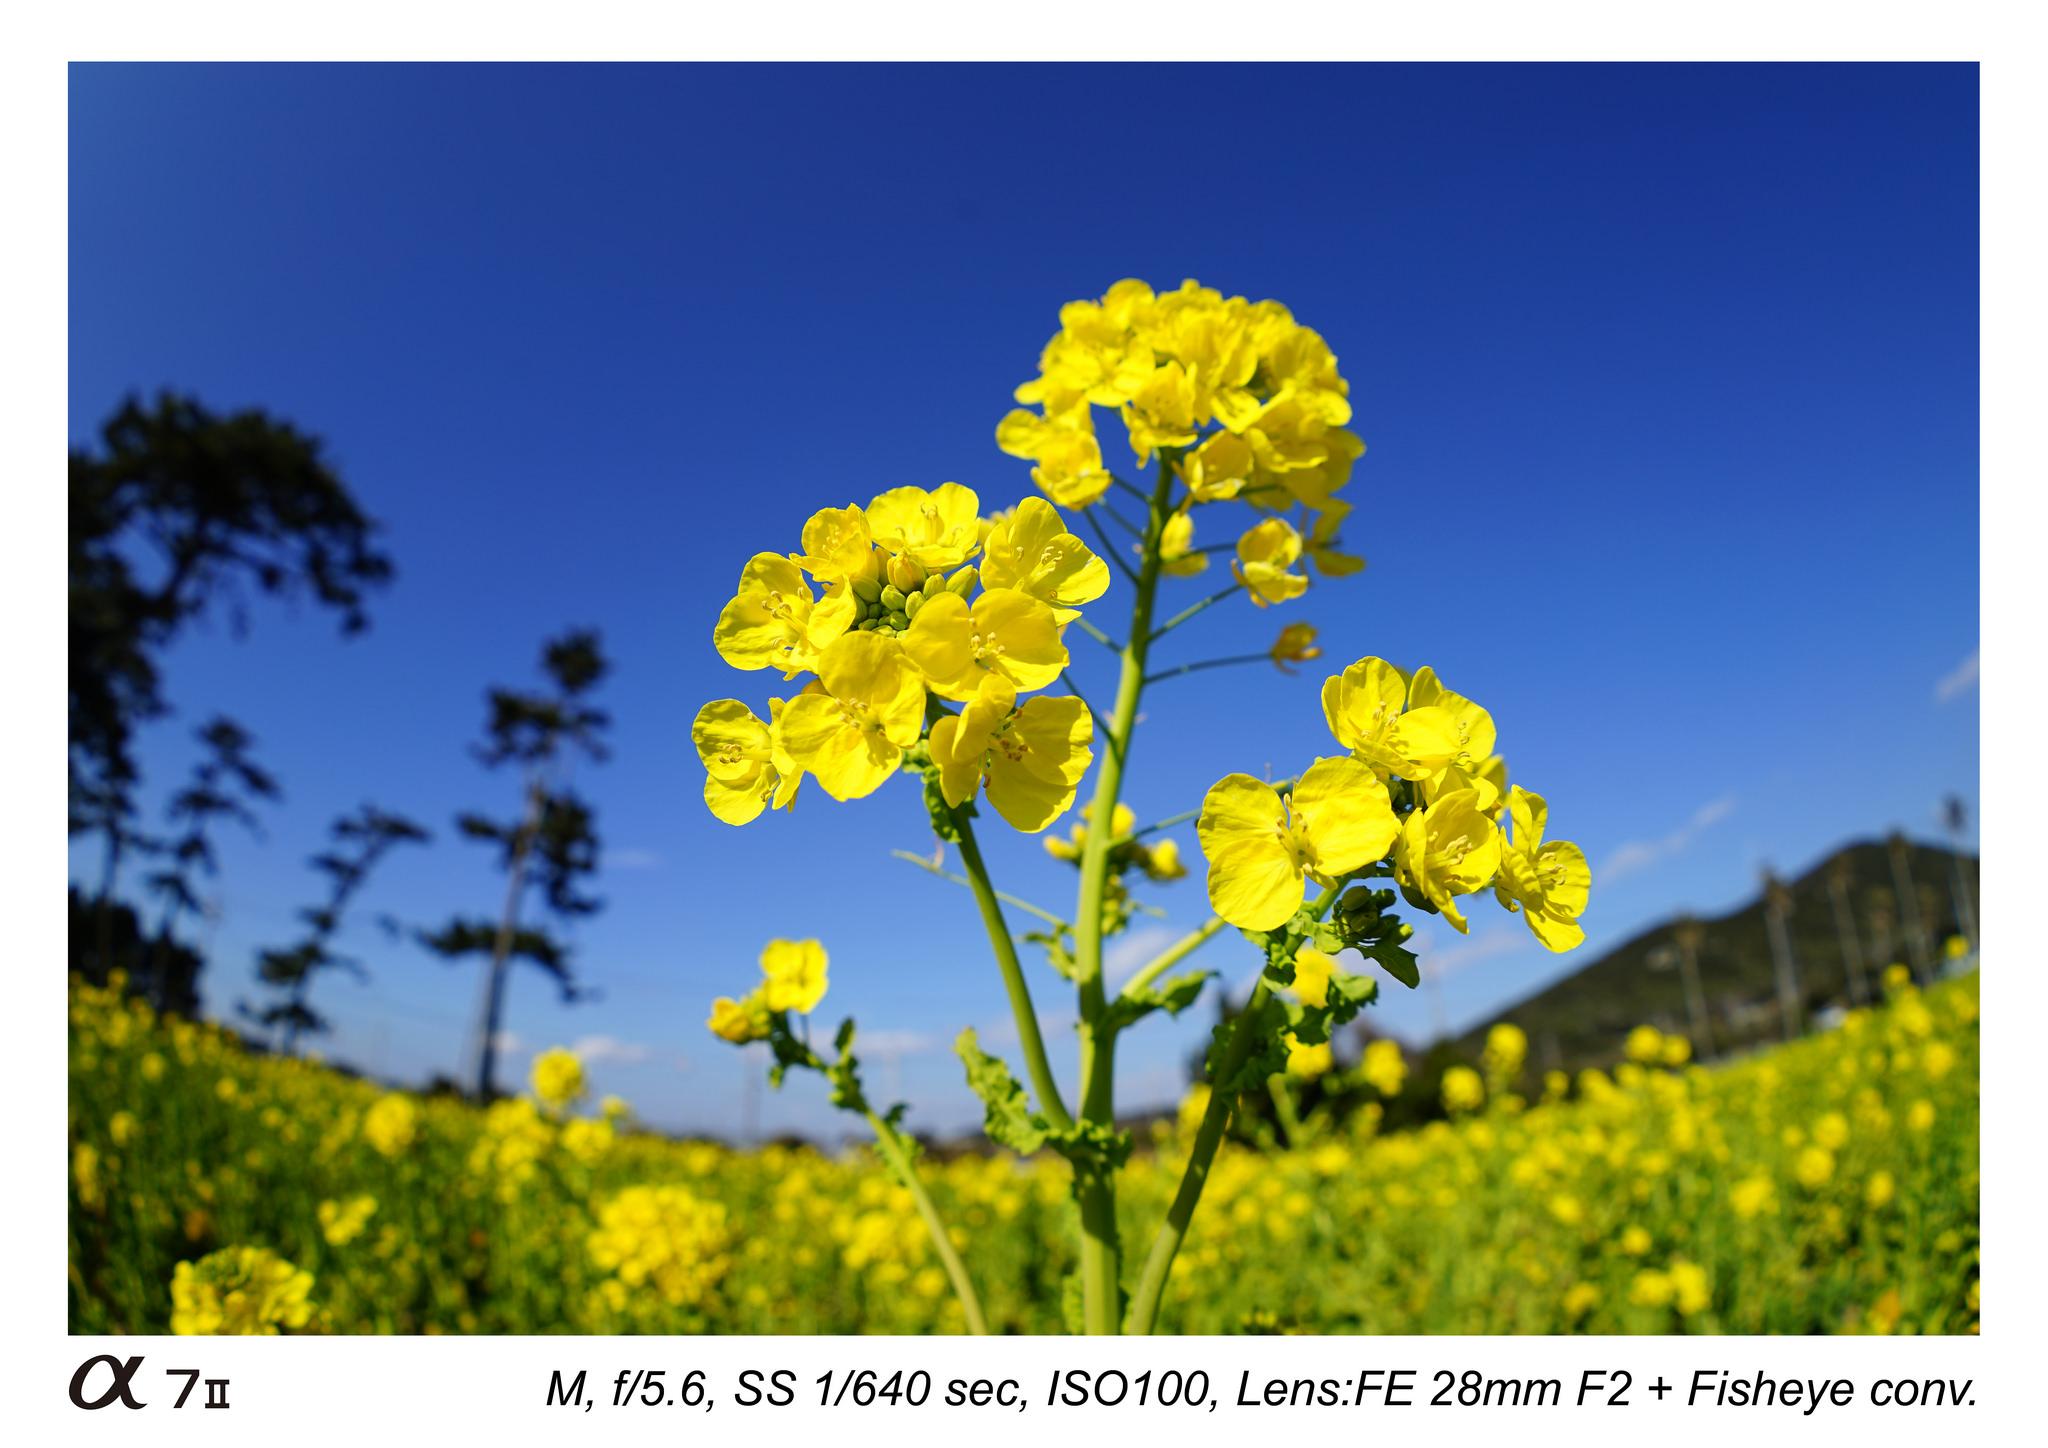 sony-fe-28mm-f2-lens-sample-images-03